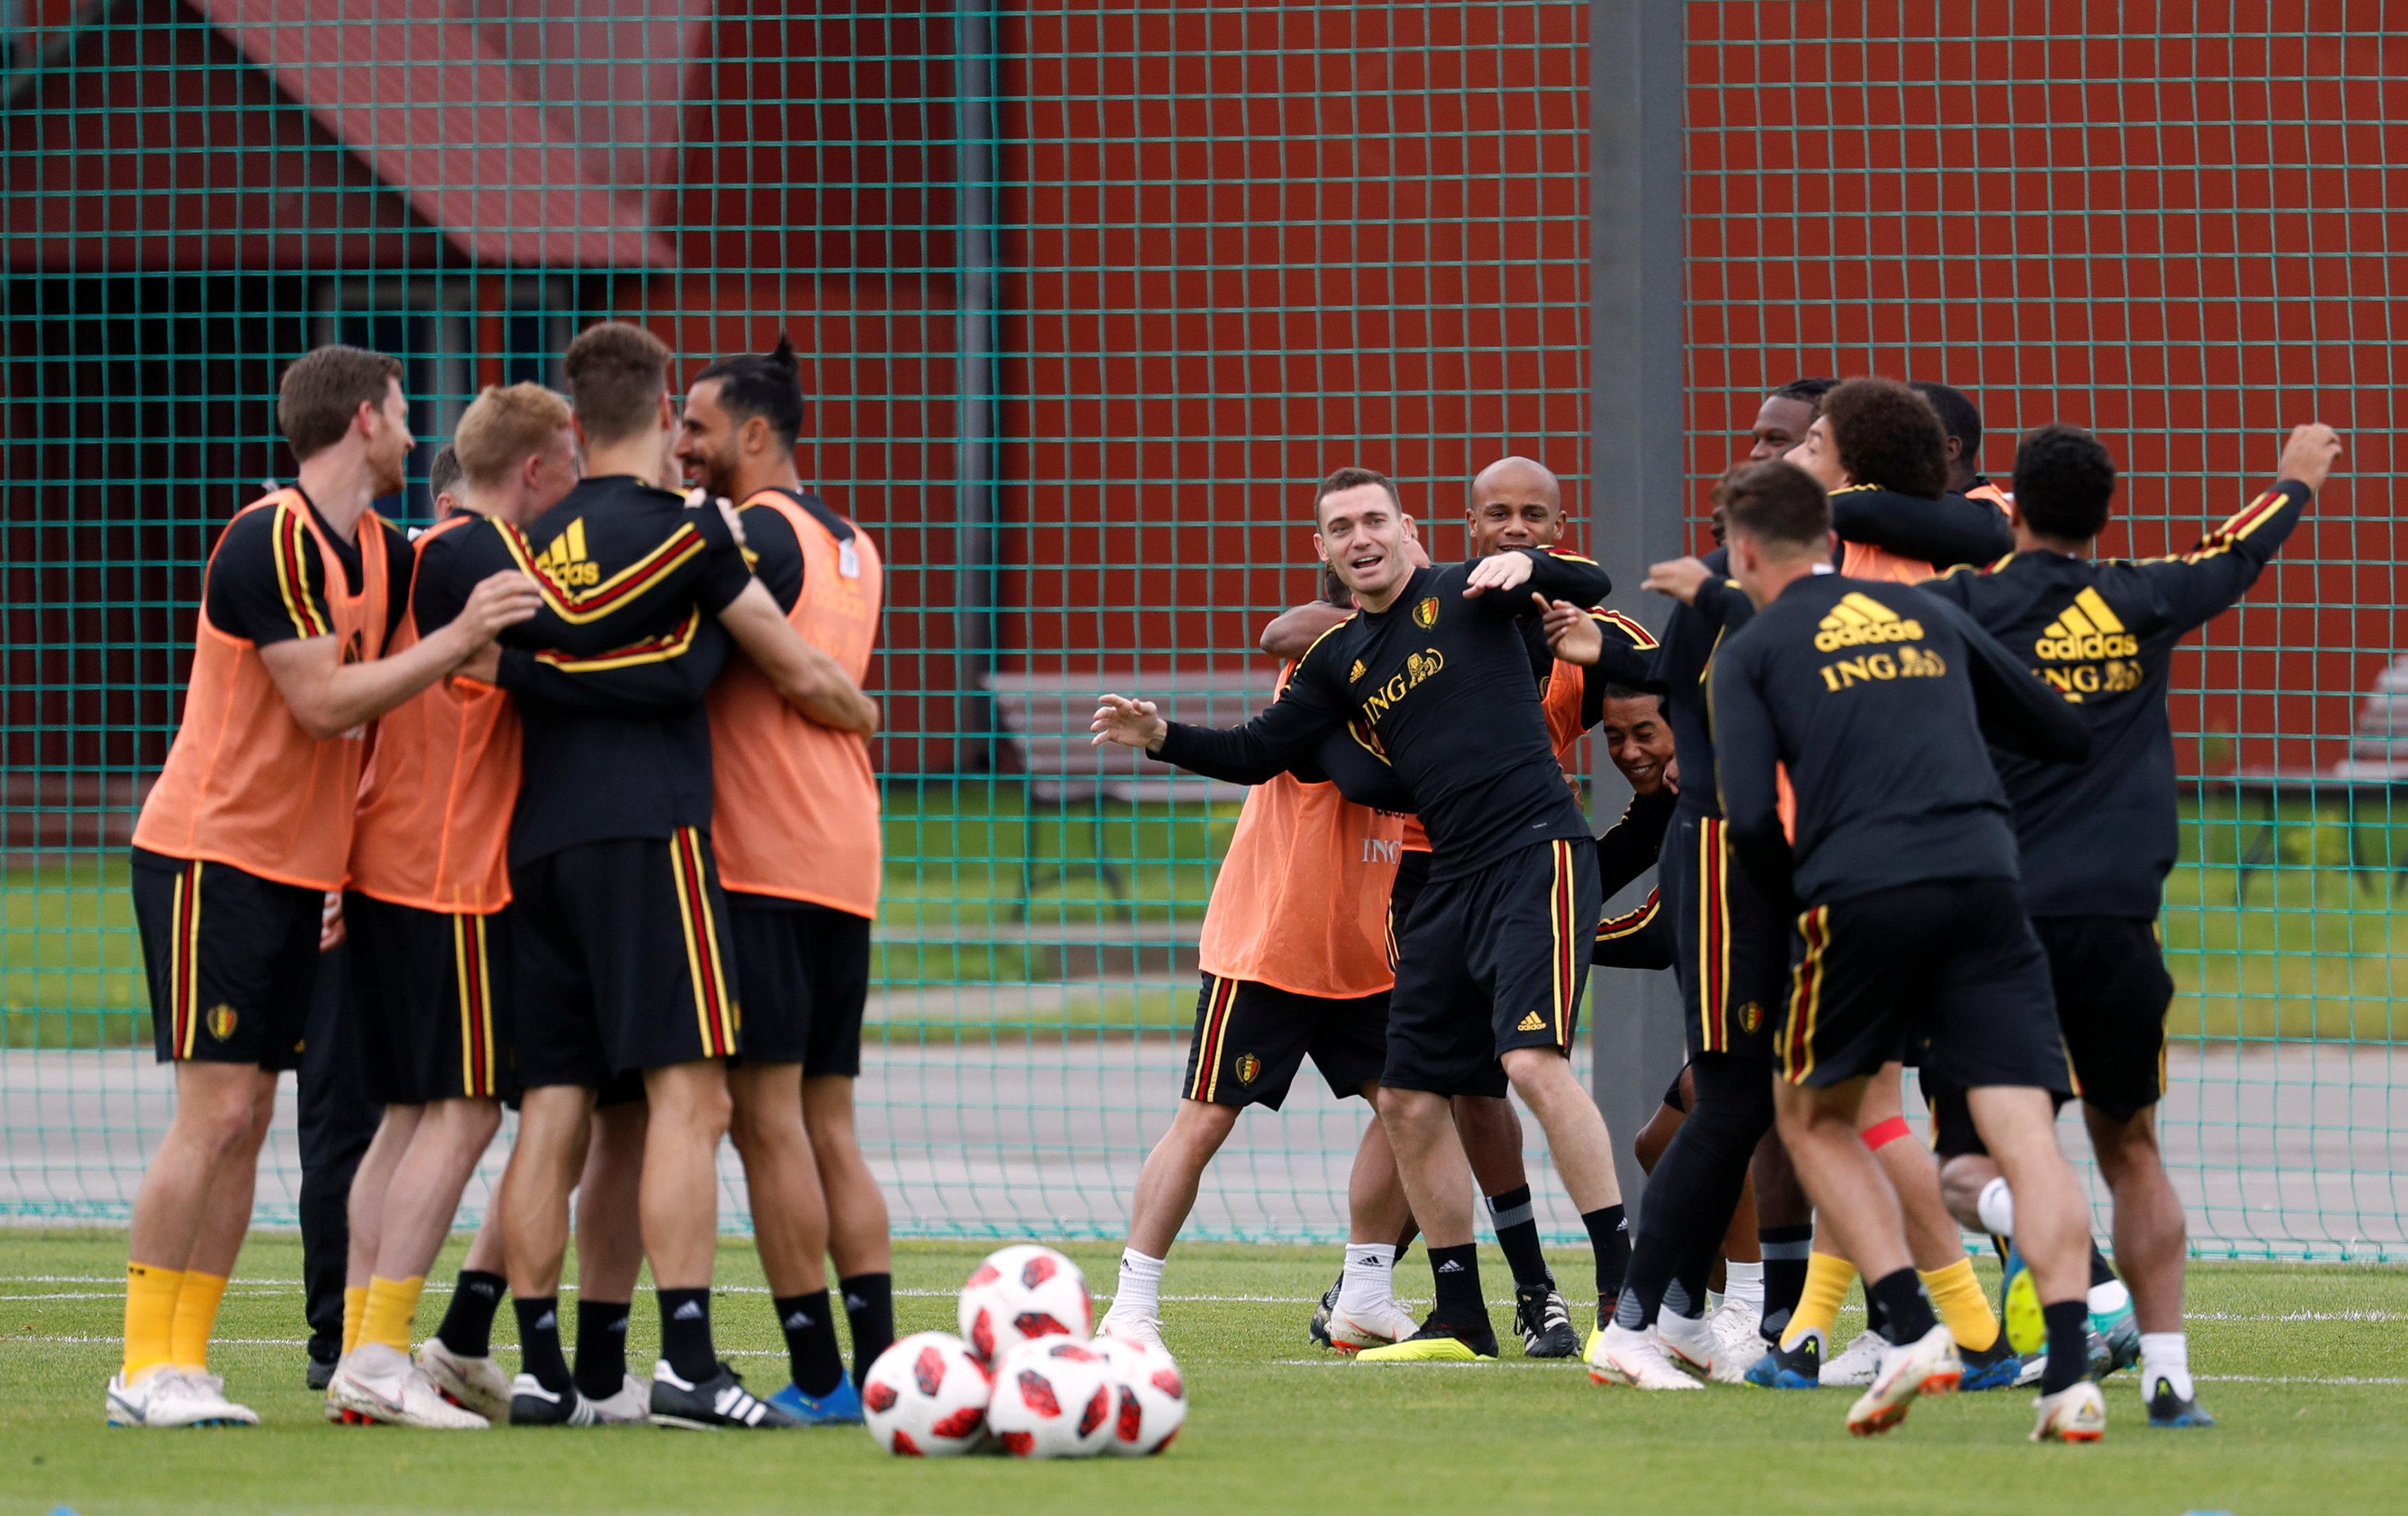 صور منتخب بلجيكا يجرى تدريبات مكثفة استعدادا لـ نصف نهائى كأس العالم اليوم السابع